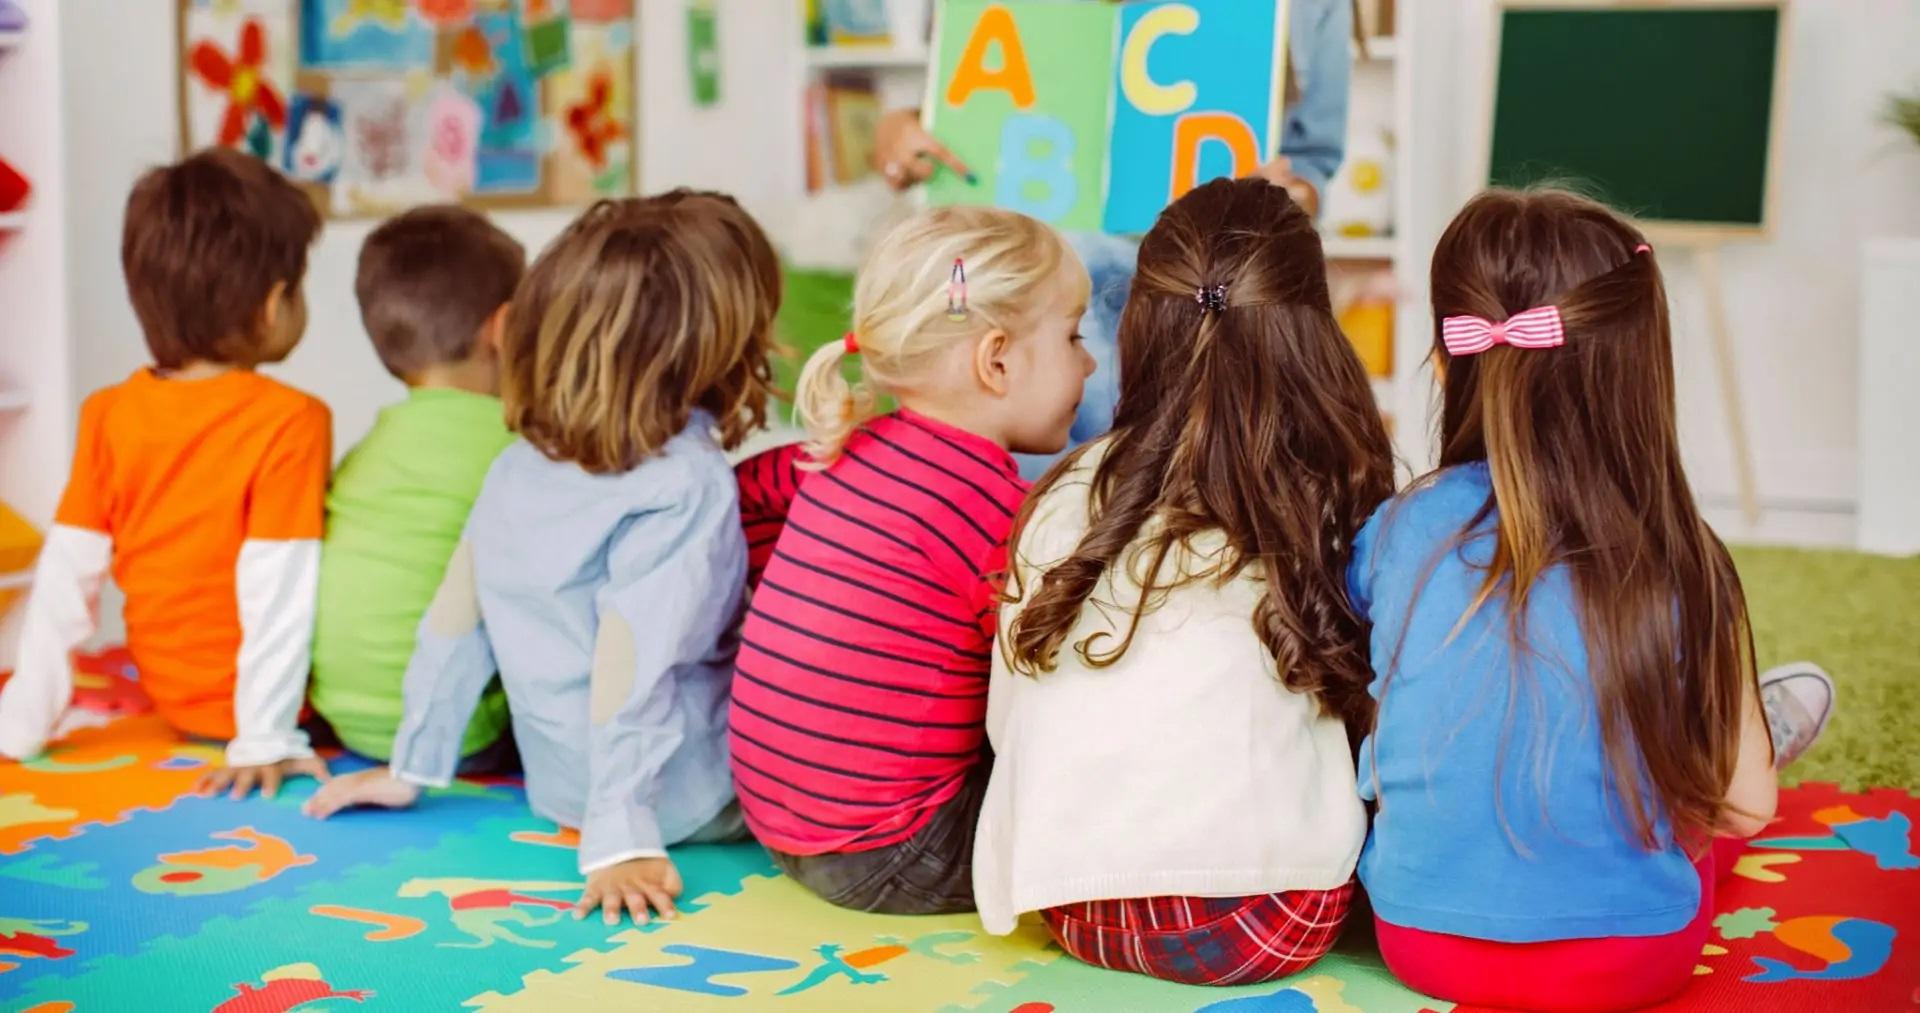 Ripartenza dei servizi per la prima infanzia nei territori della Provincia di Salerno e Avellino